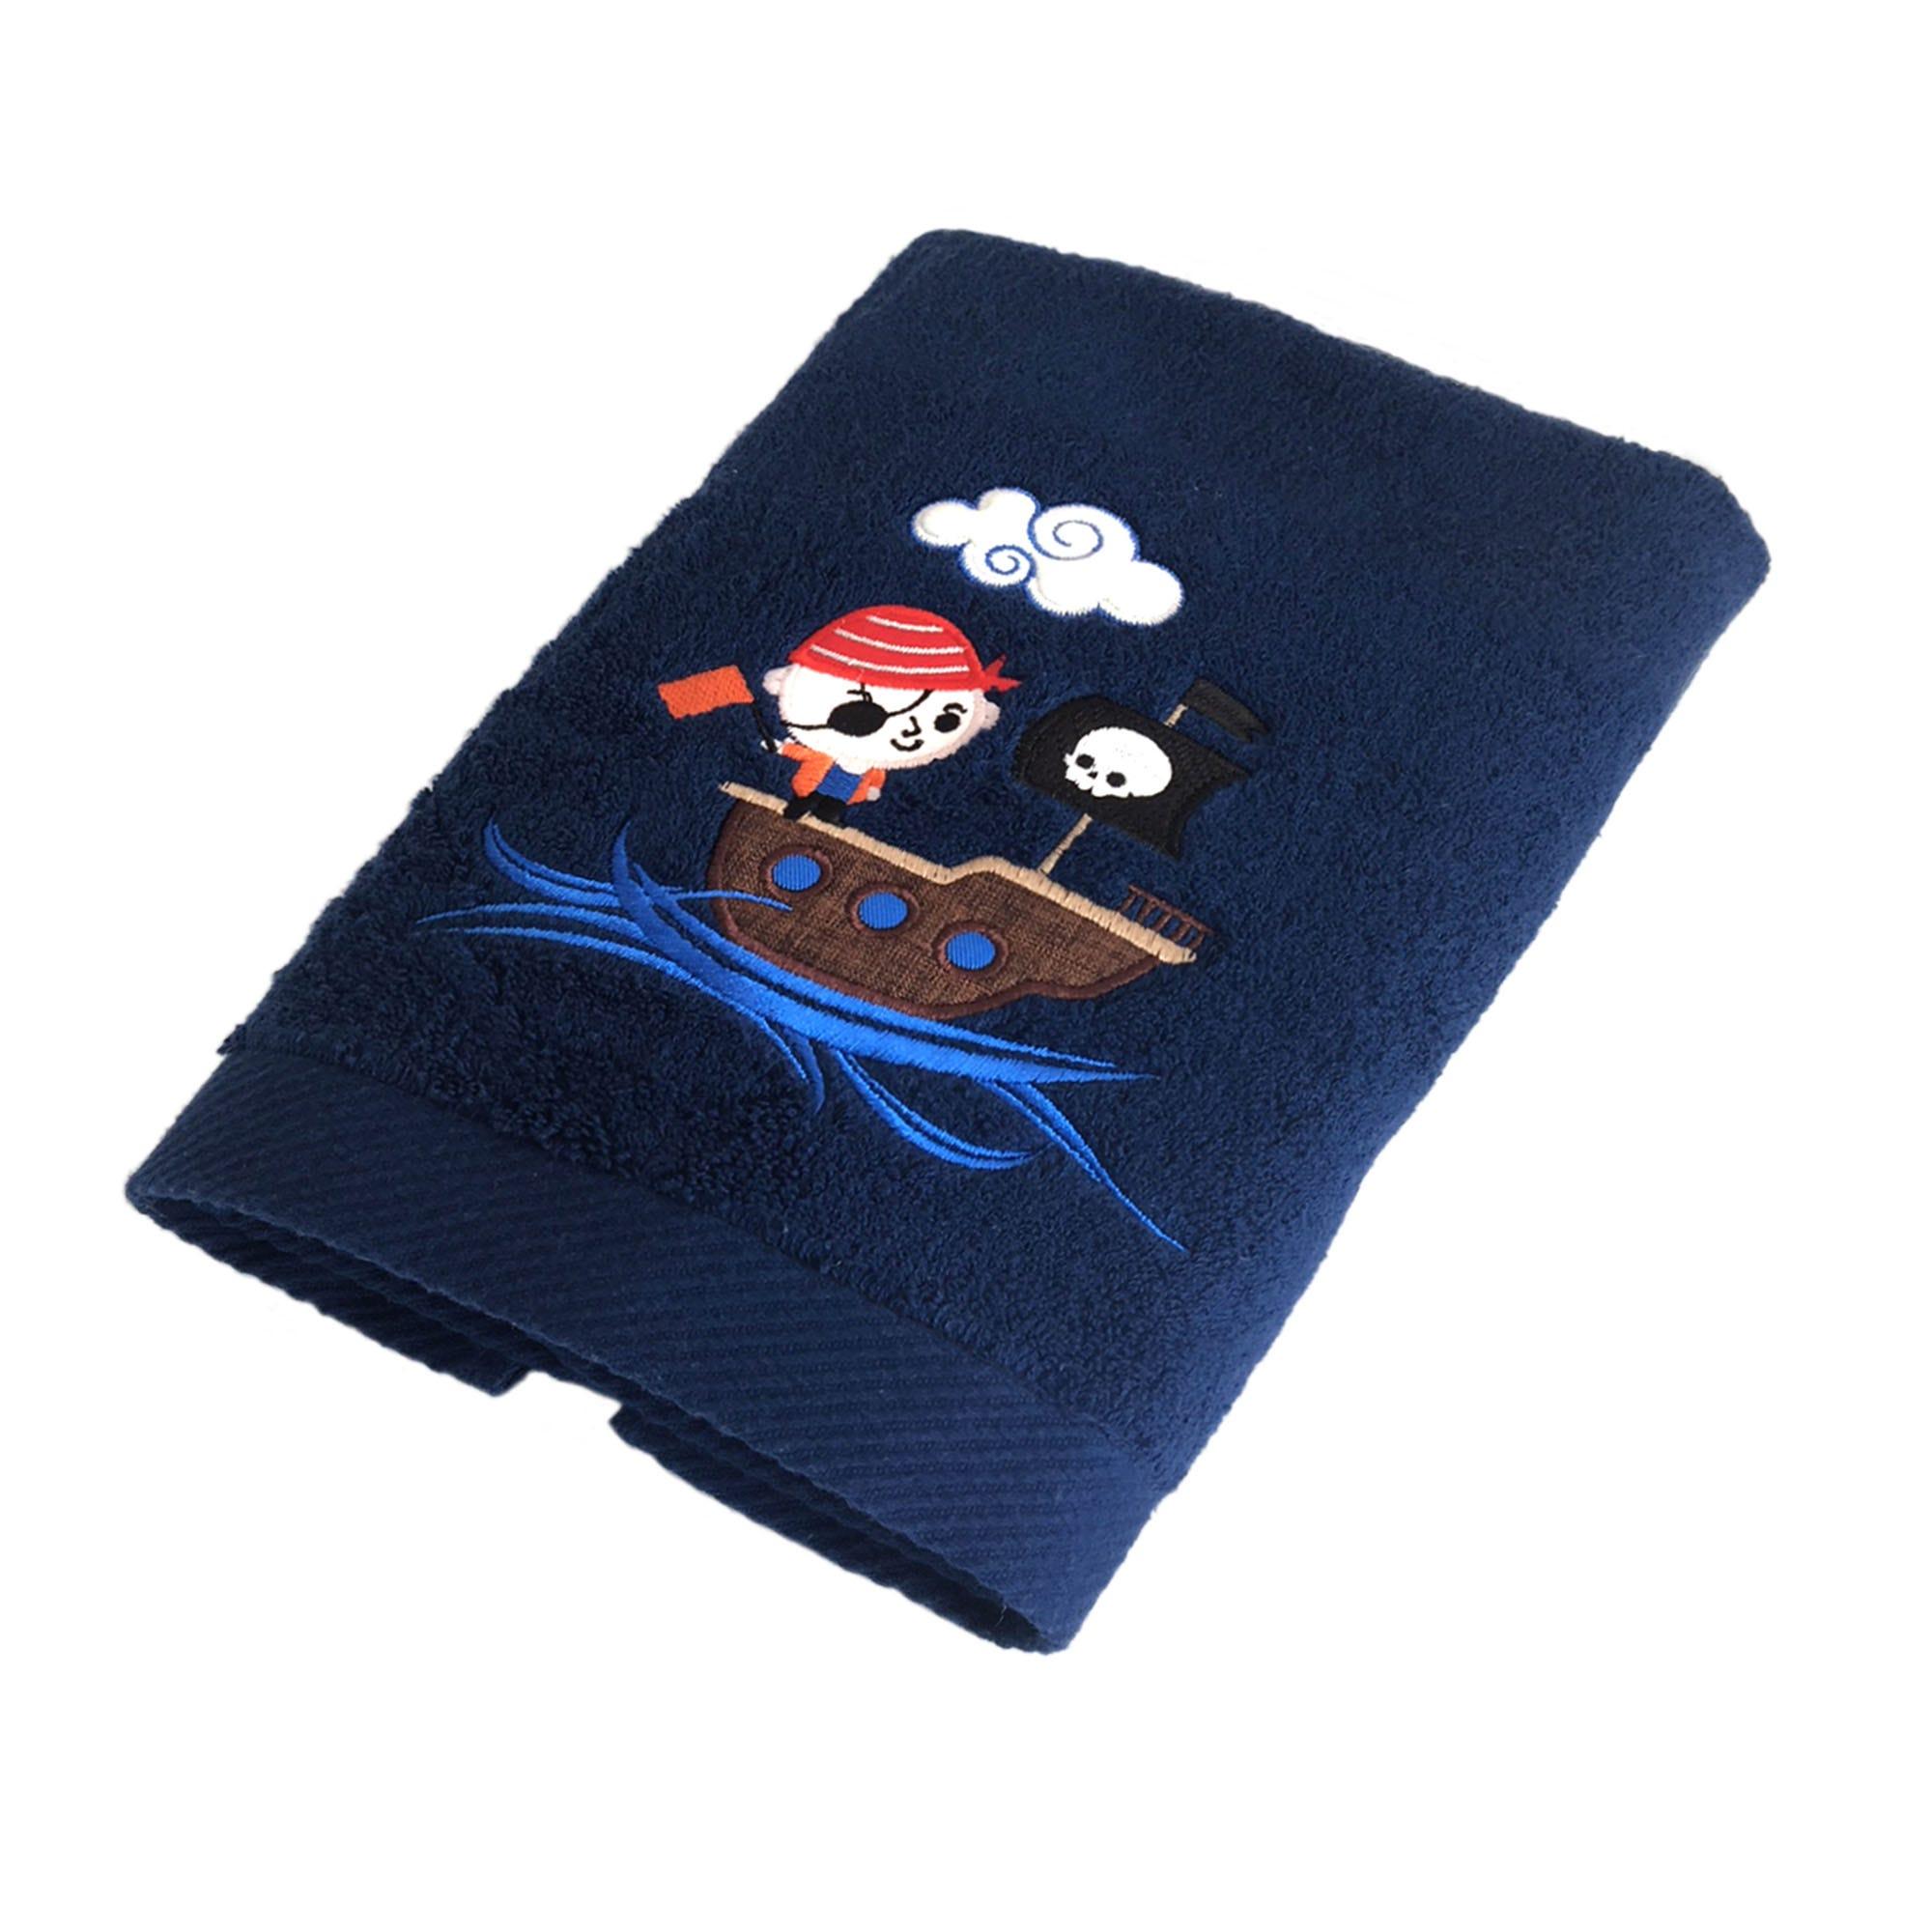 Bata de baño infantil Pirate Calatea con bordado en azul